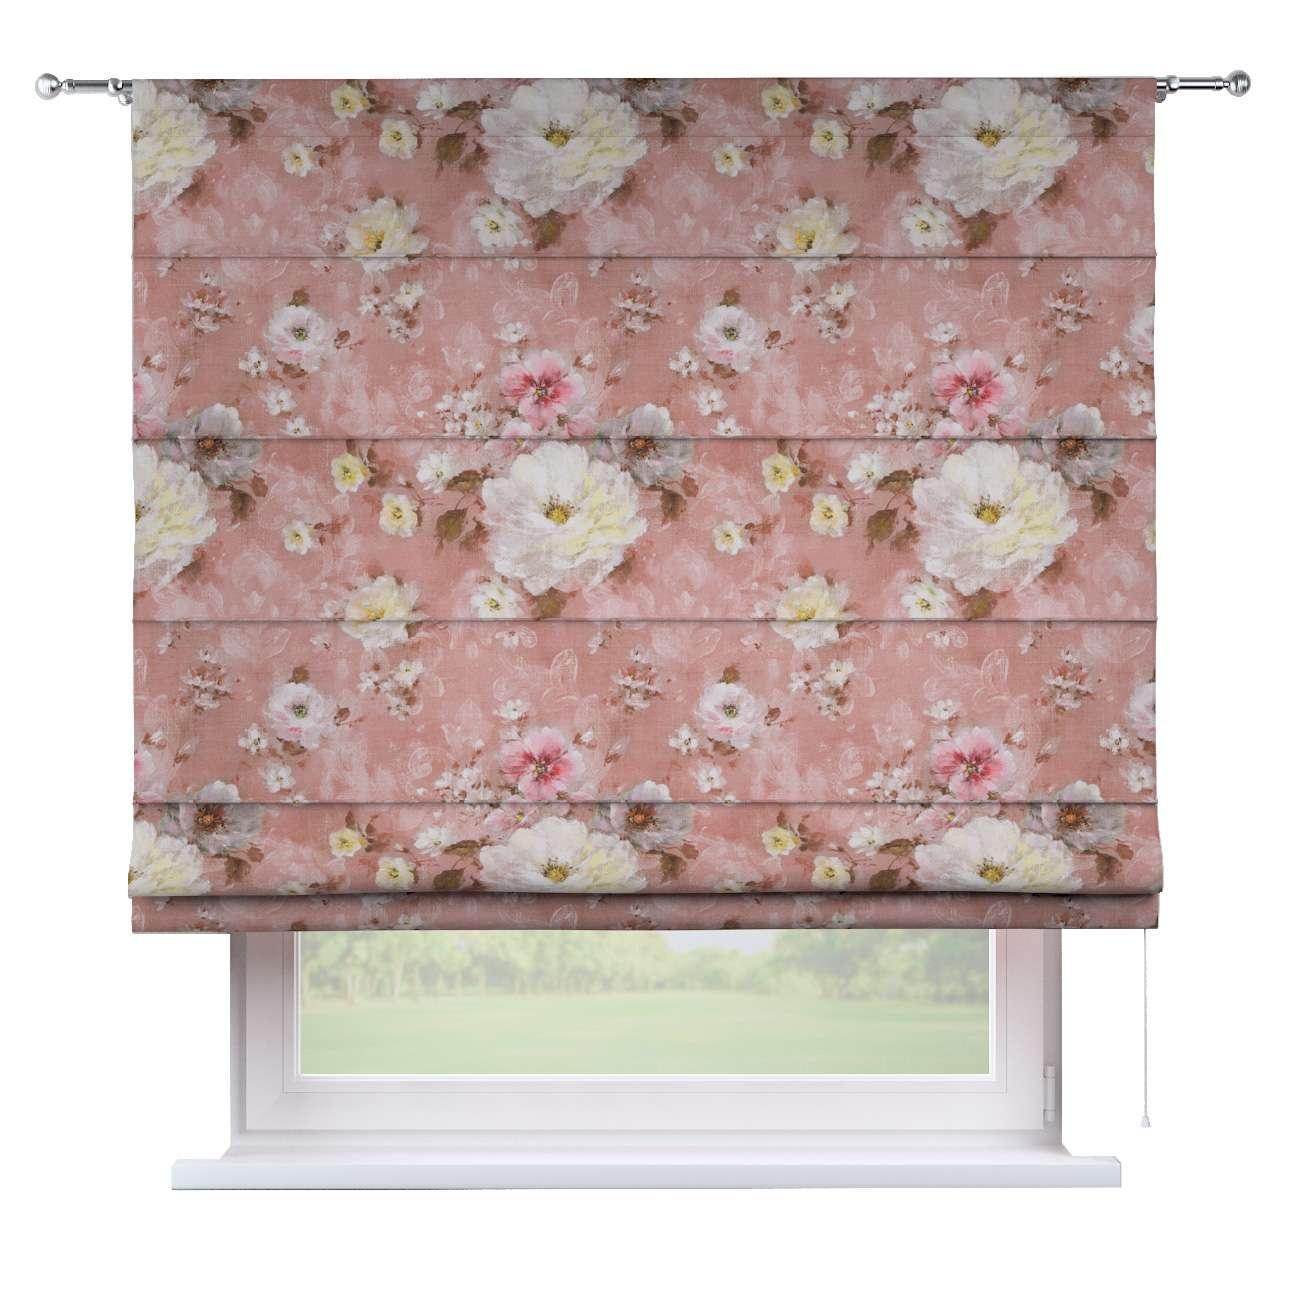 Roleta rzymska Torino w kolekcji Flowers, tkanina: 137-83